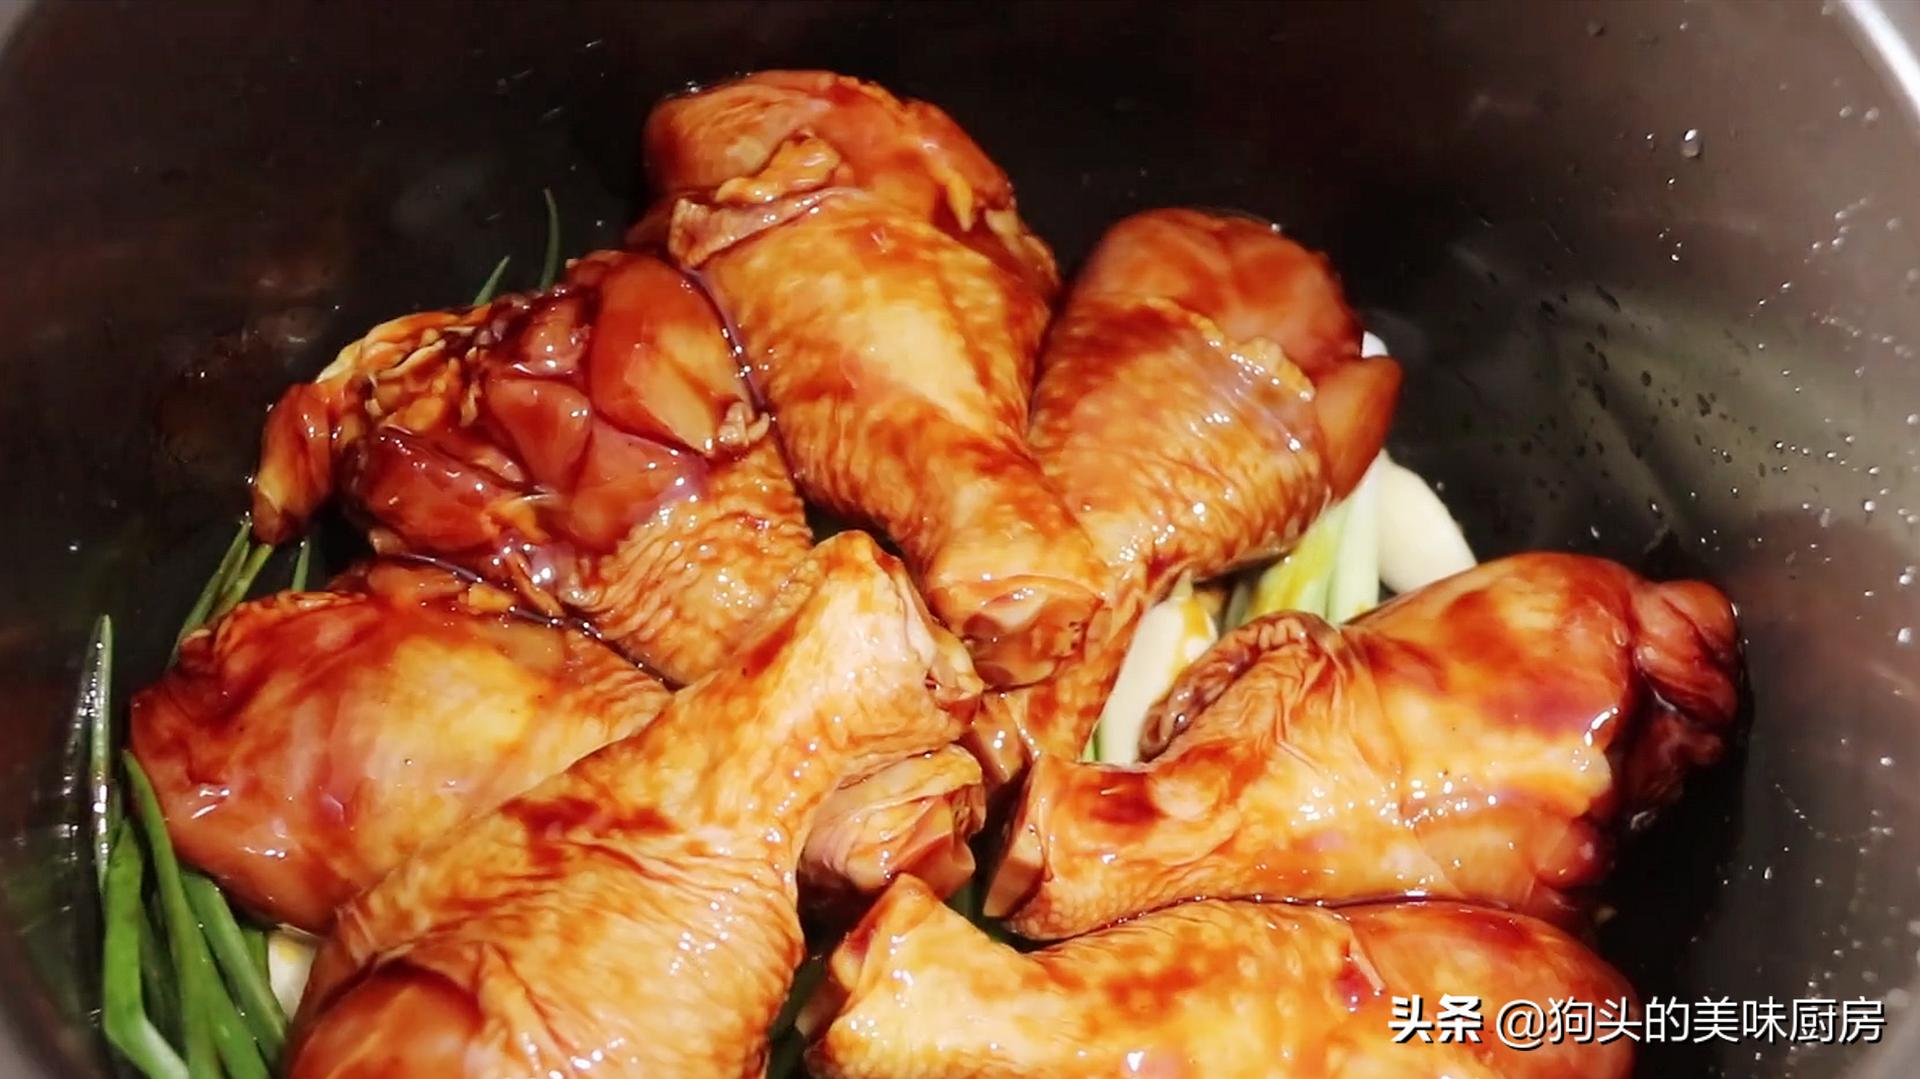 婆婆把2斤鸡腿放进电饭煲,不加水不加油,出锅全家流口水 美食做法 第8张